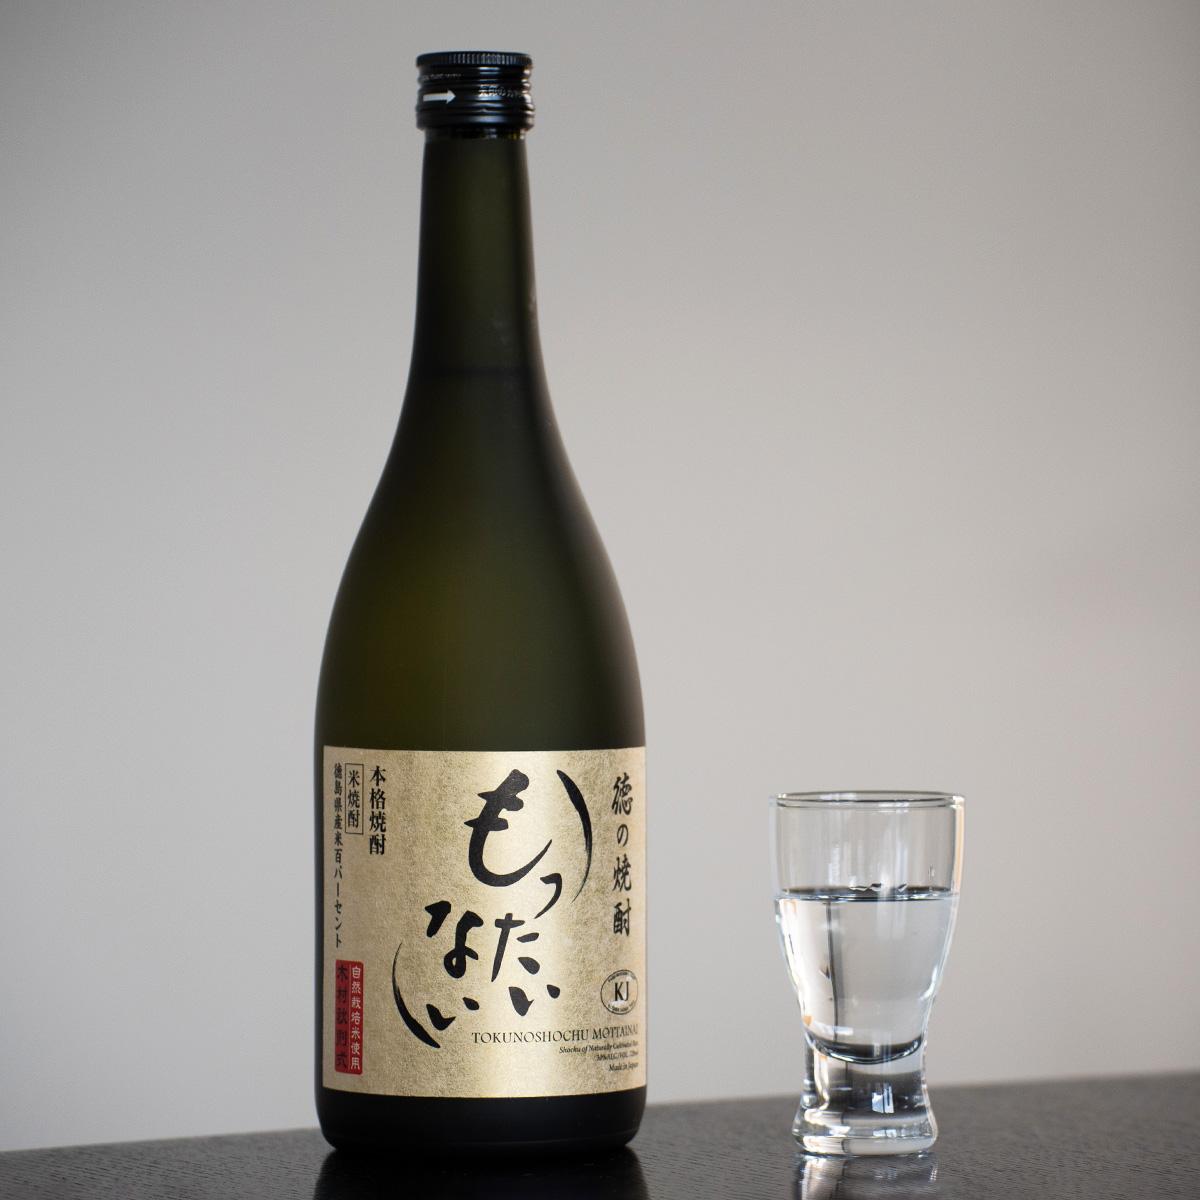 OrganicGarden 美味しい関係 米焼酎 徳の焼酎 もったいない 徳島県産 自然栽培米 焼酎〔720ml〕